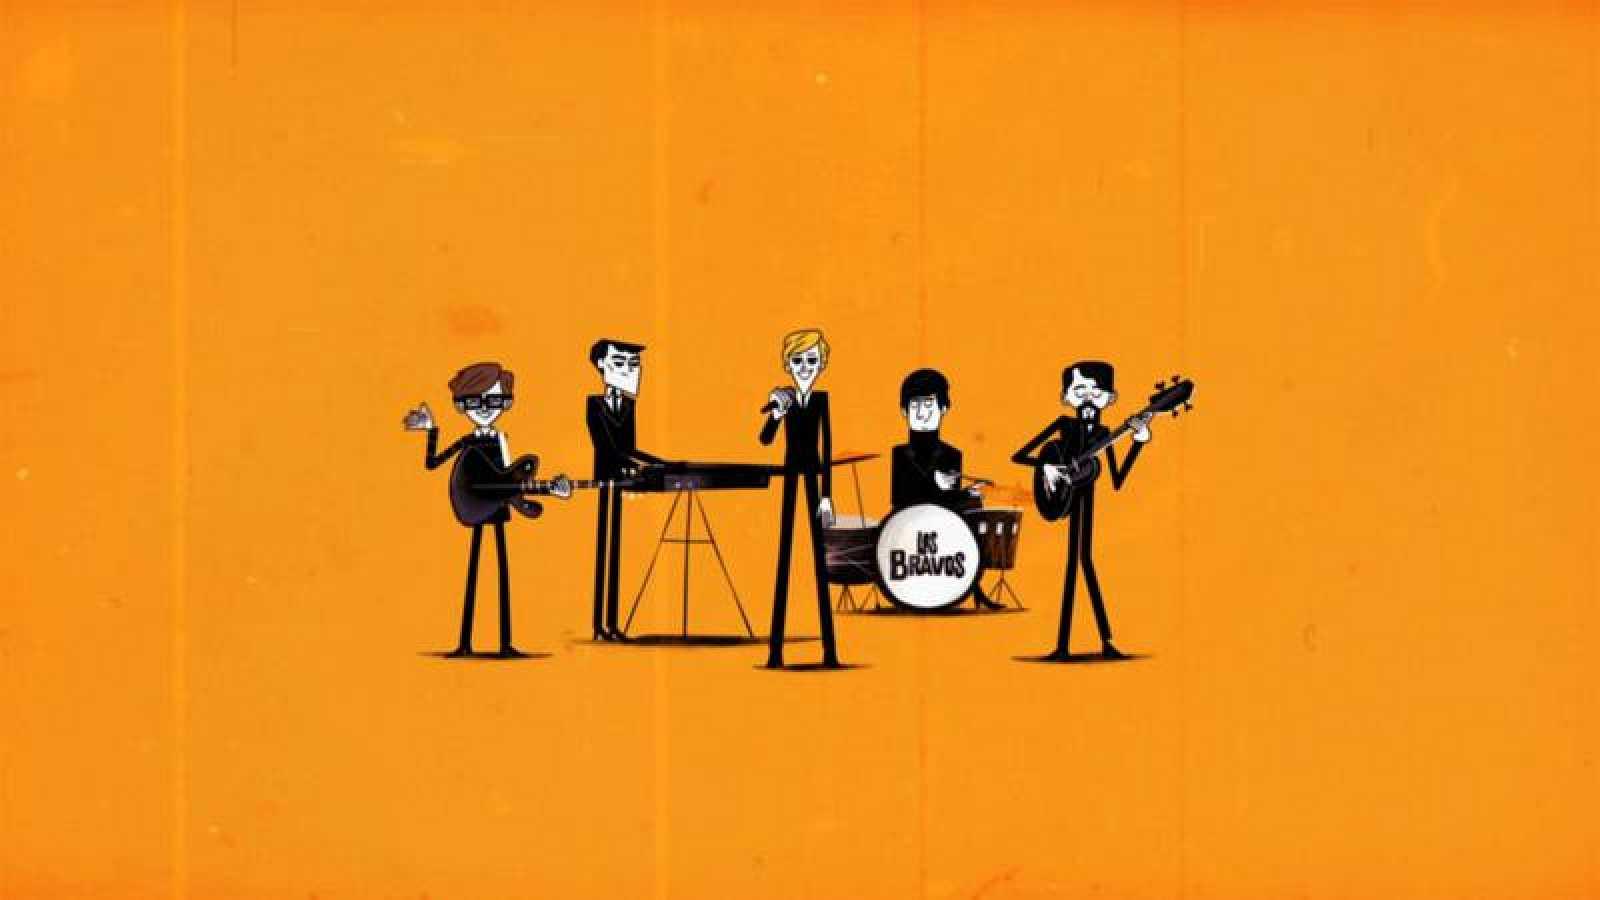 Mike, Pablo, Manolo, Miguel y Toni formaron este grupo pionero vital para el avance cultural de la España de finales de los 60